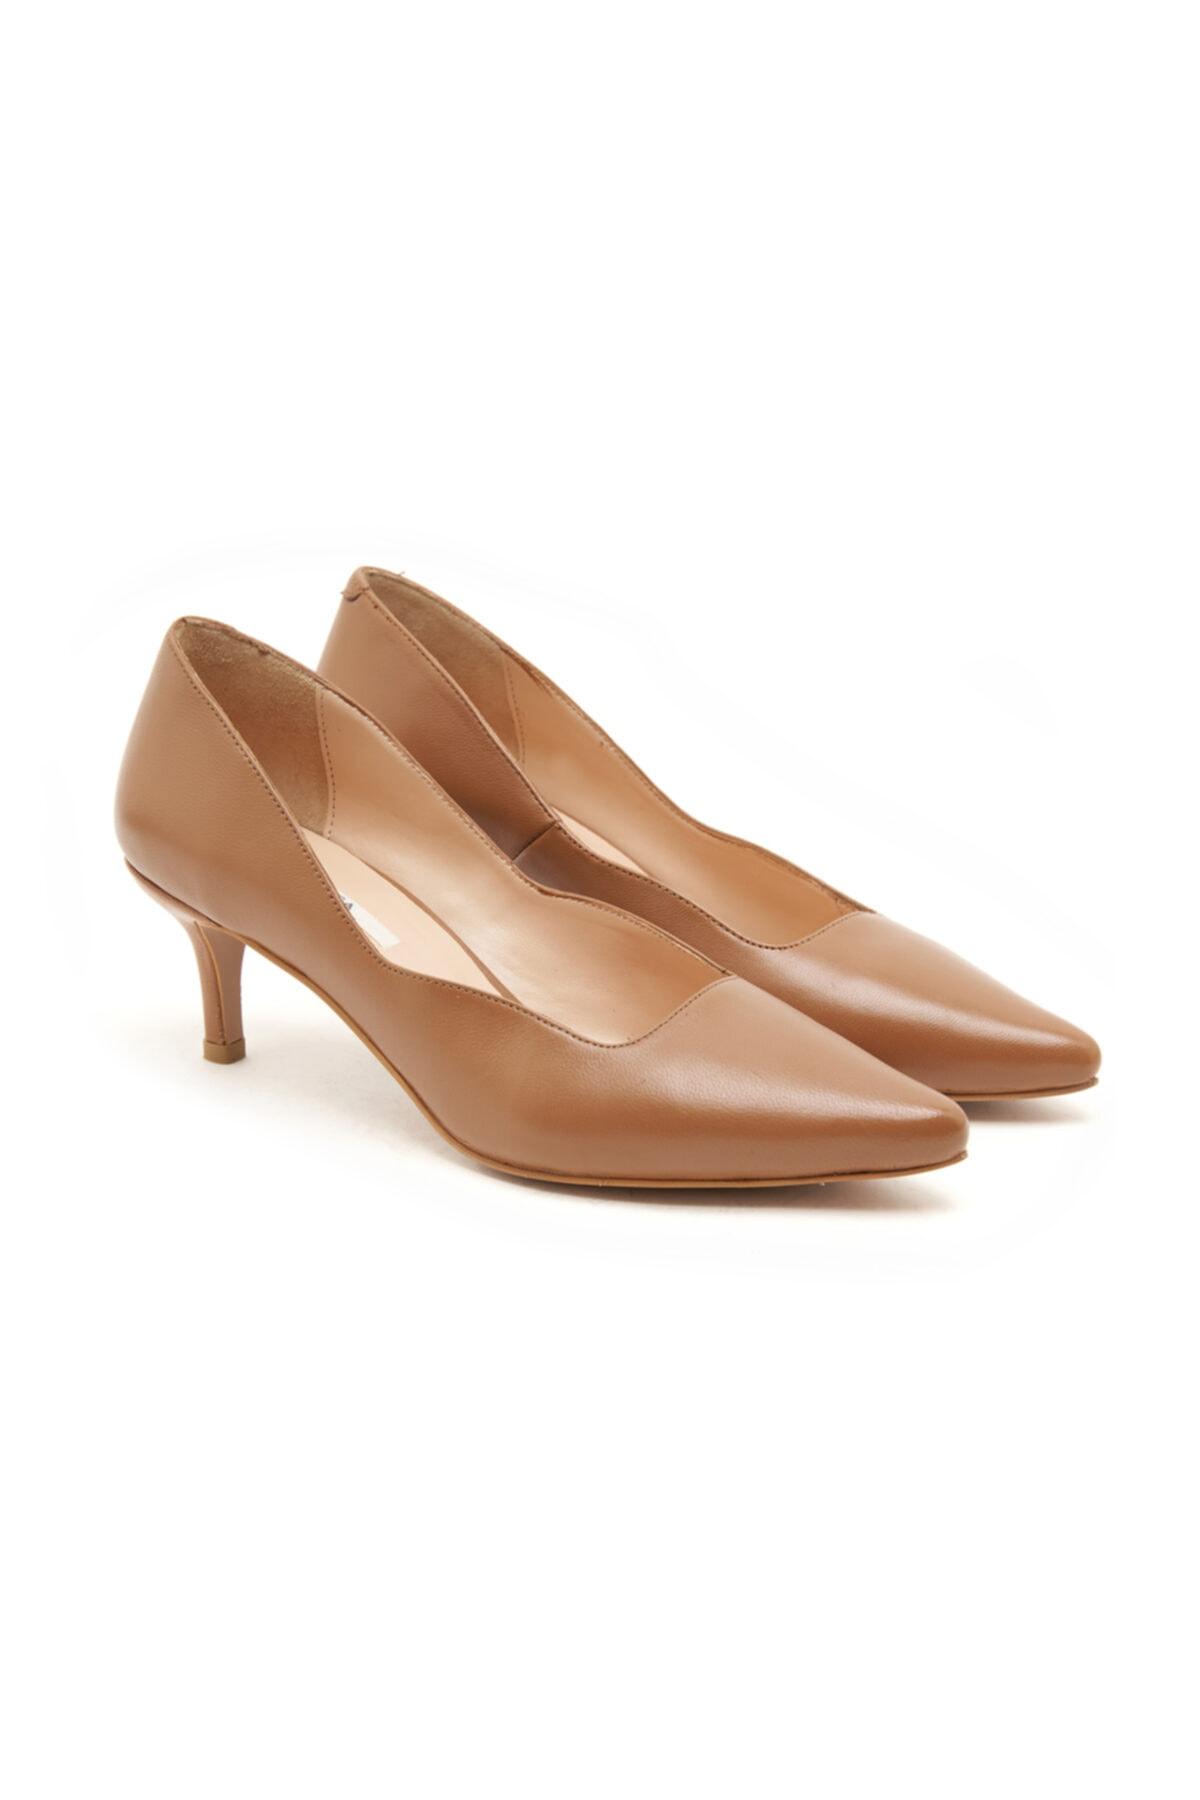 Desa Kadın Siyah Deri Klasik Ayakkabı